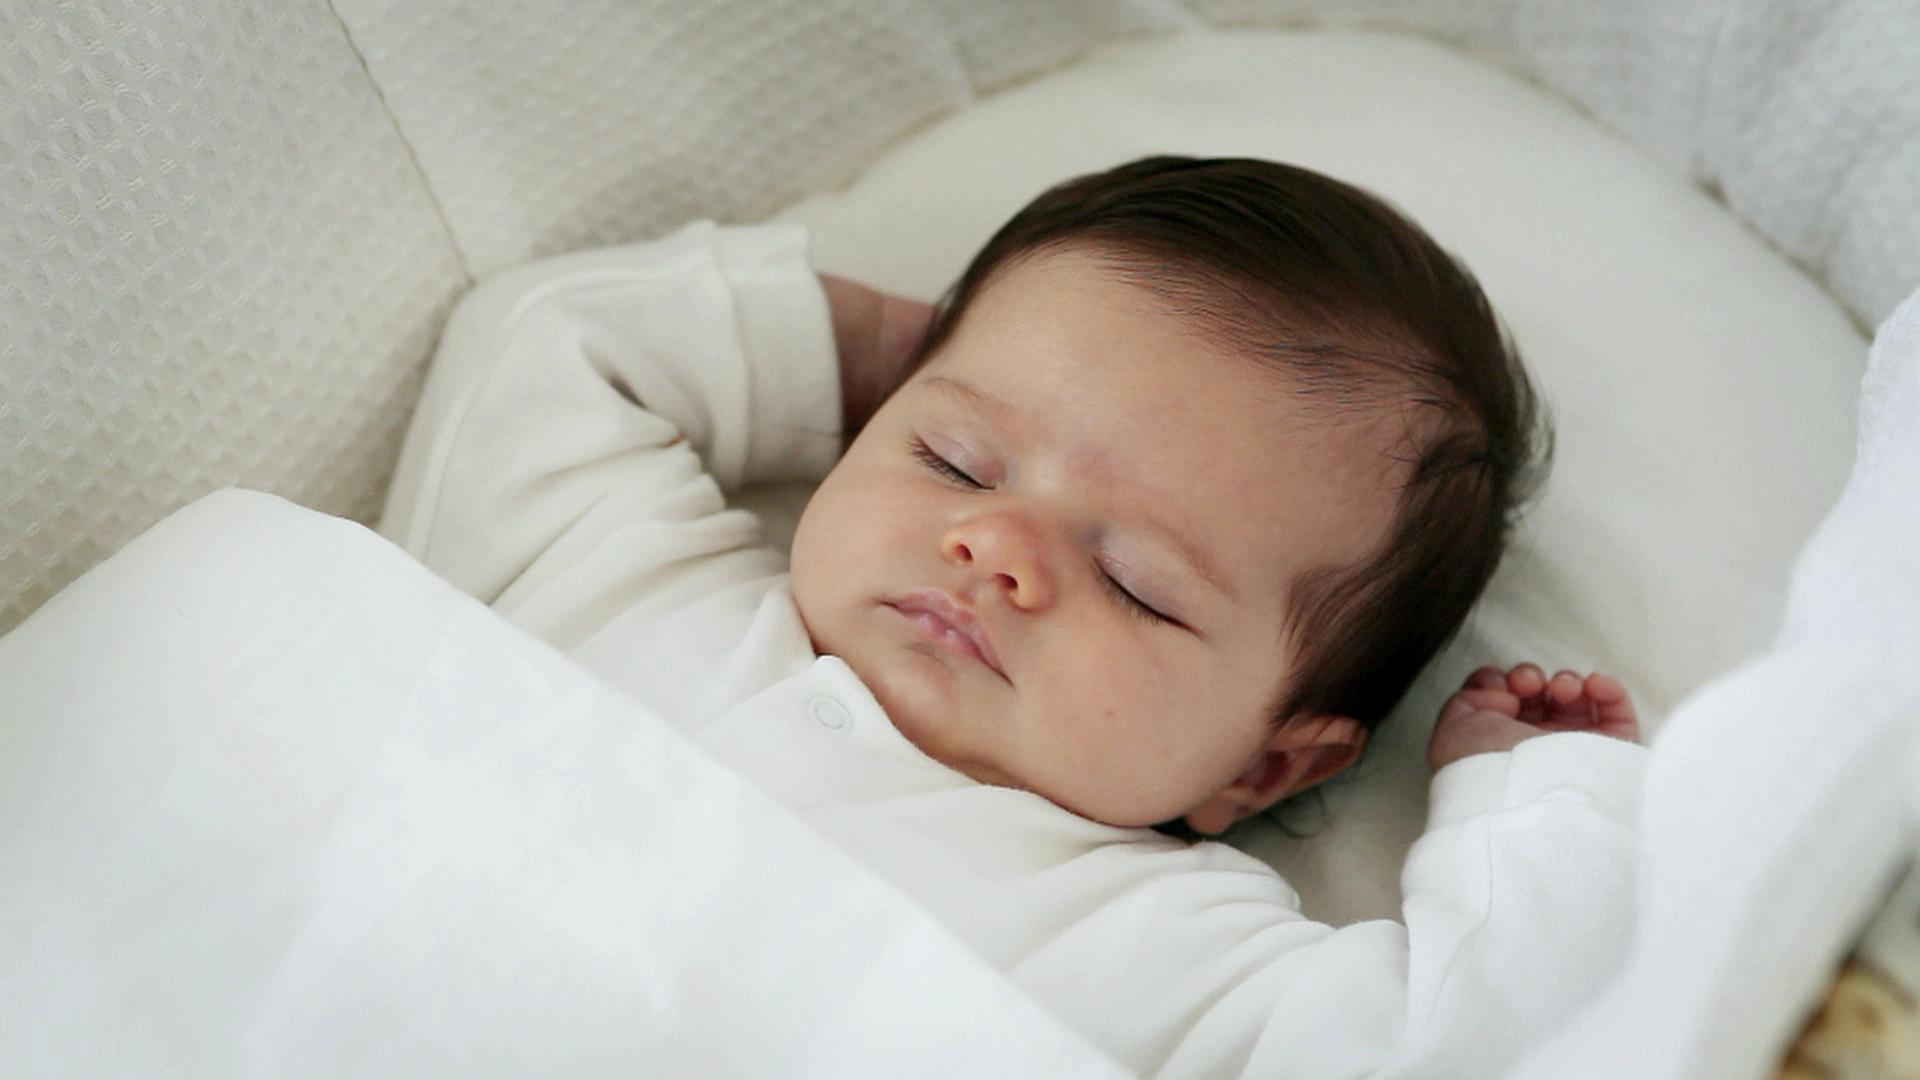 20توصیه برای داشتن خواب آرام-درست مصرف کنیم - آموزش همگانی - آگاهی مصرف